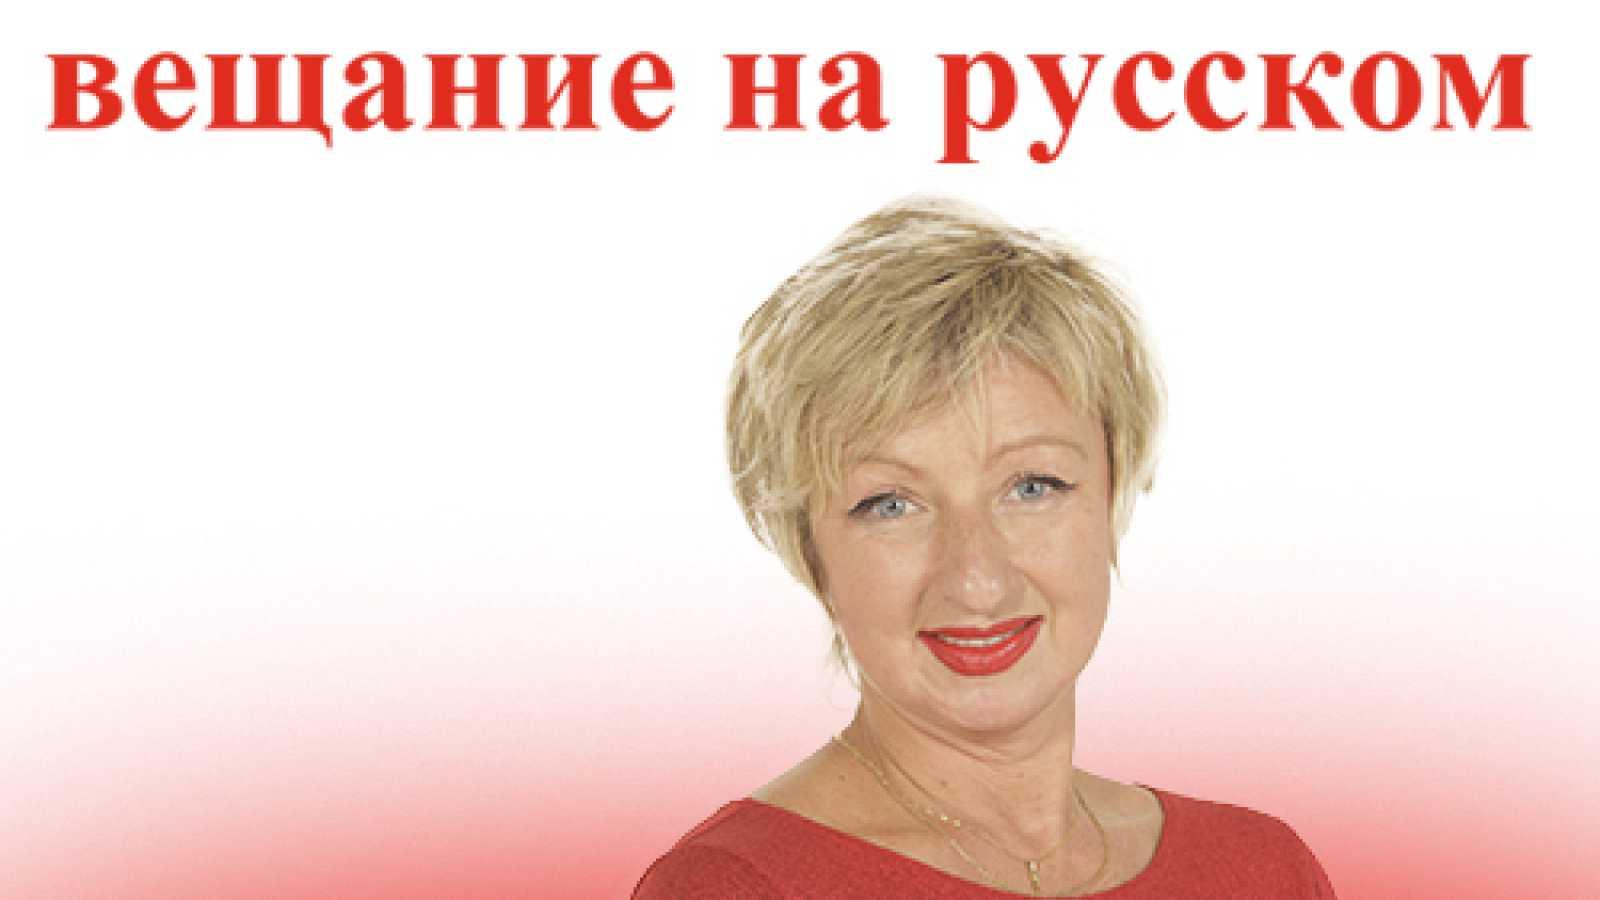 Emisión en ruso - Musikalniye vstrechi: Vselénnaya v zvúkah orgána. Vipusk 3 - 30/11/18 - escuchar ahora